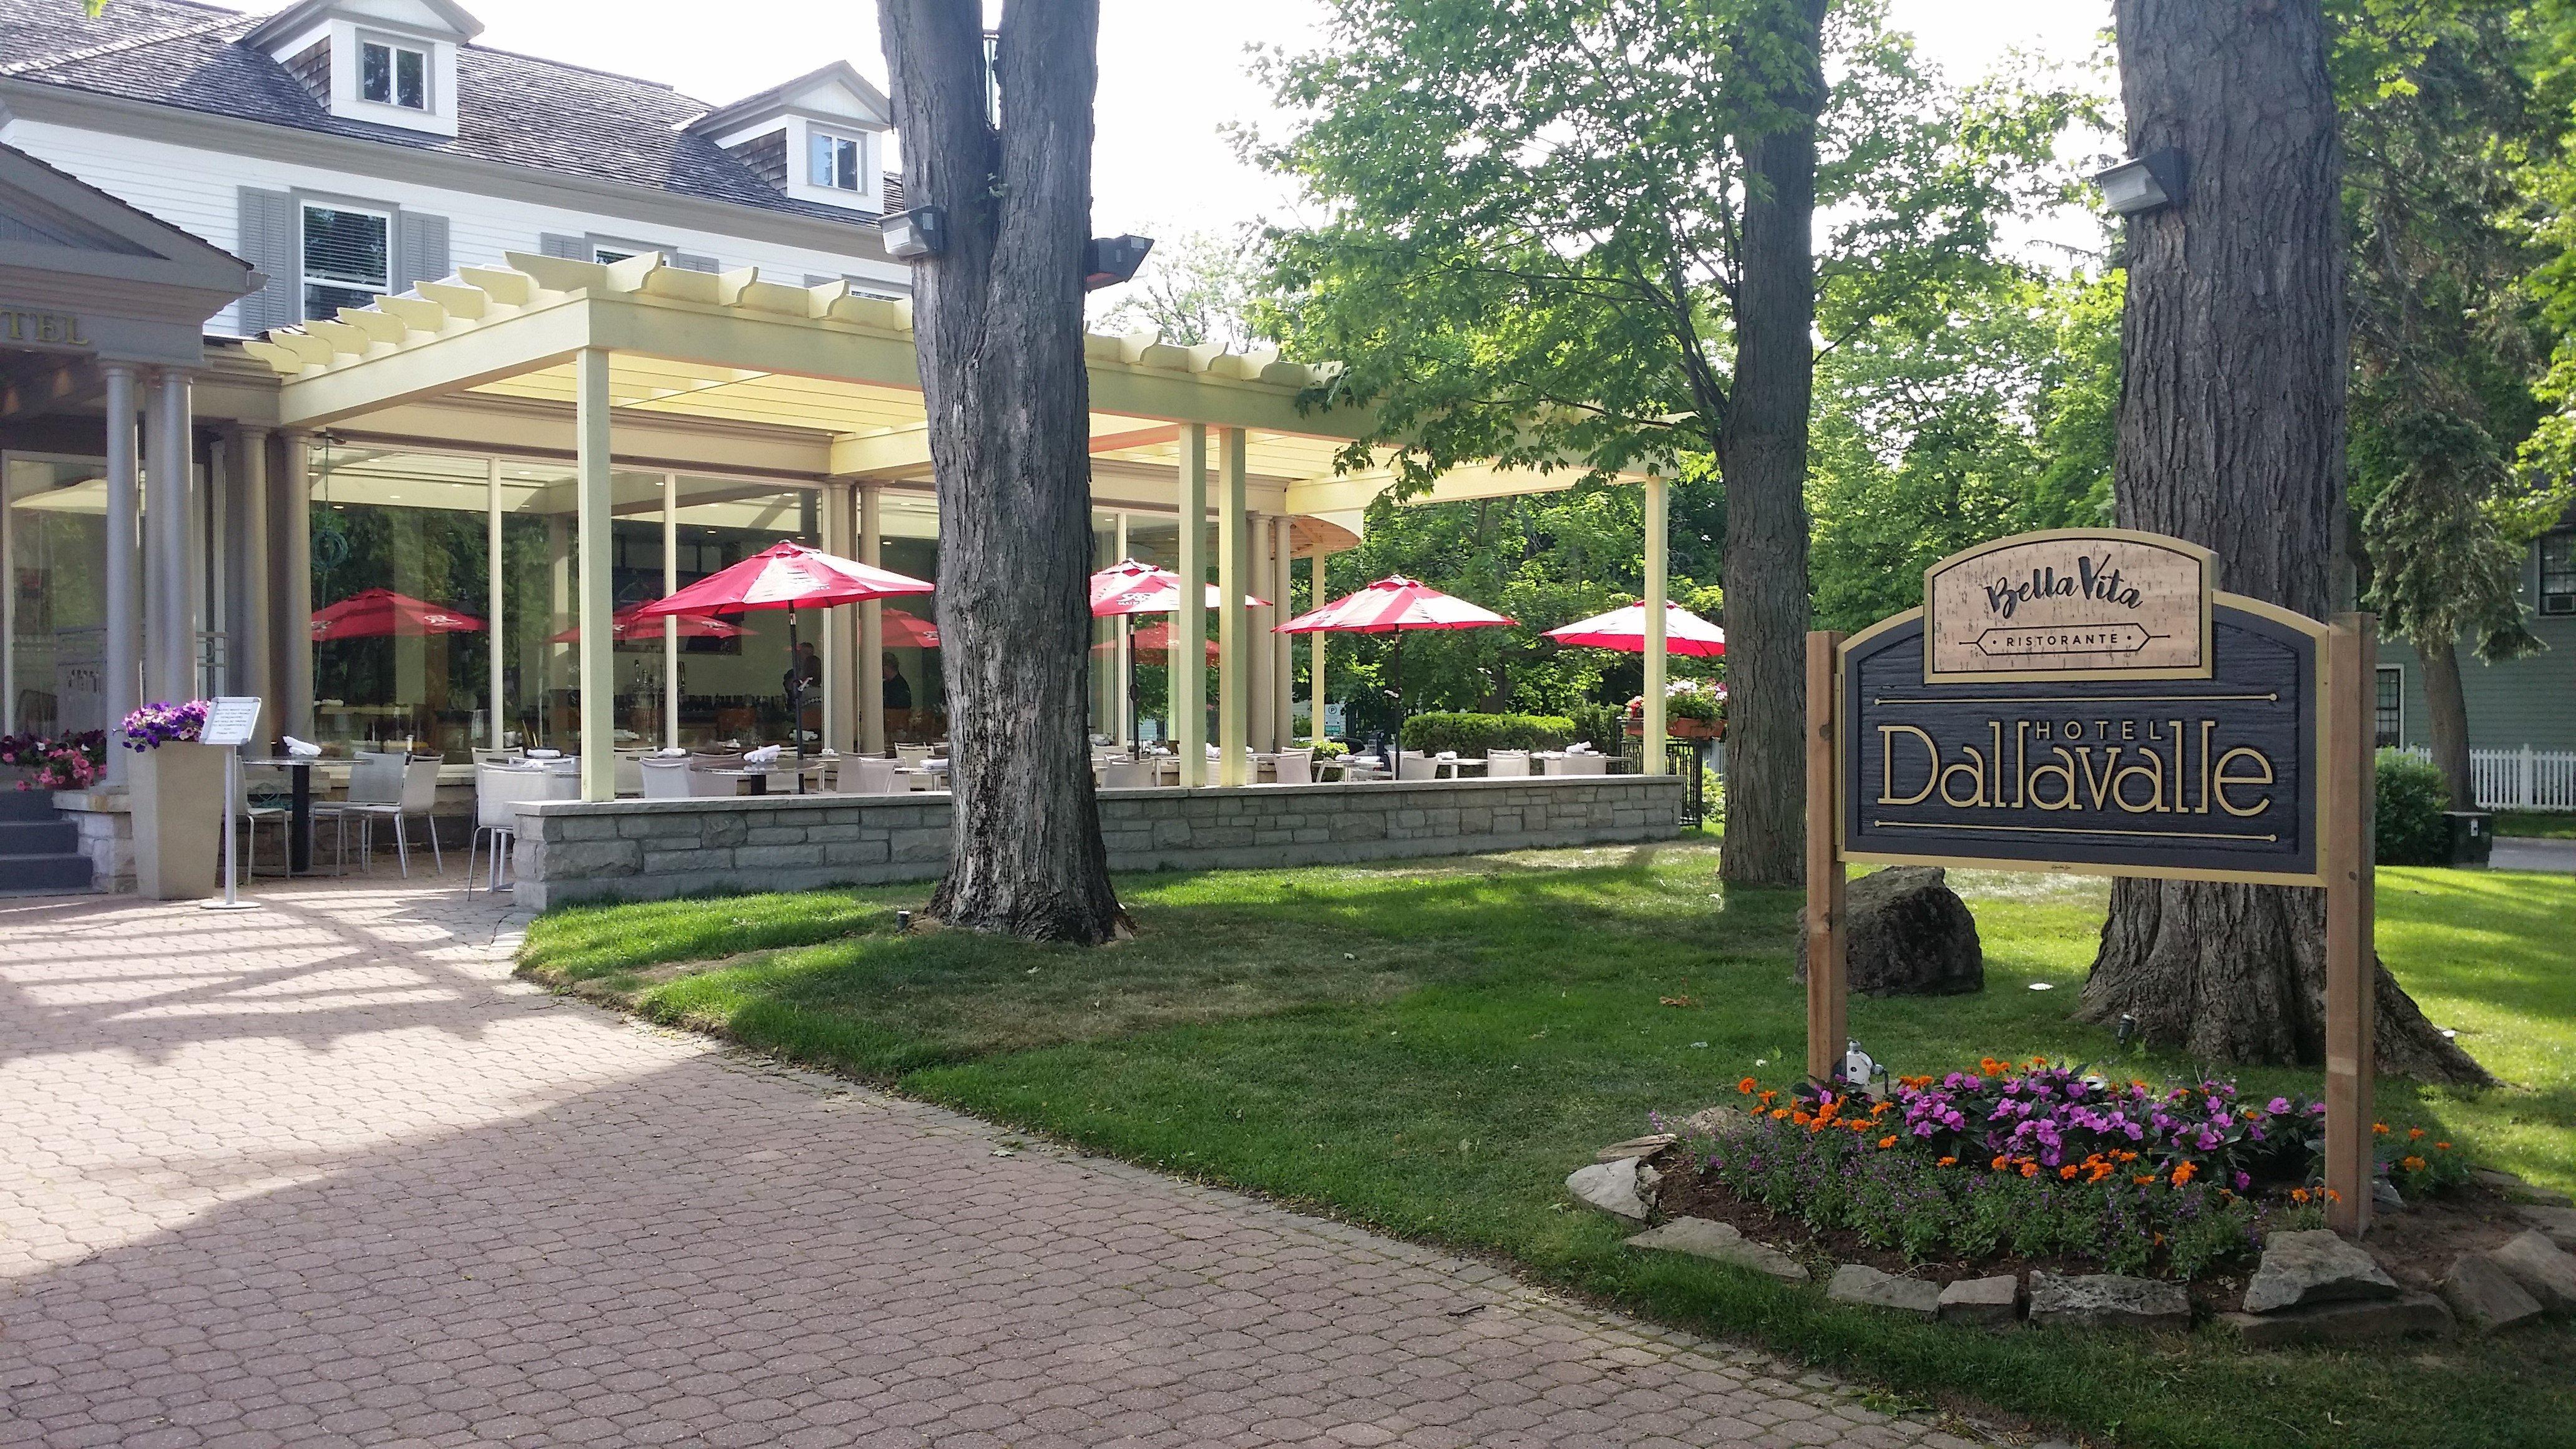 Hotel Dallavalle